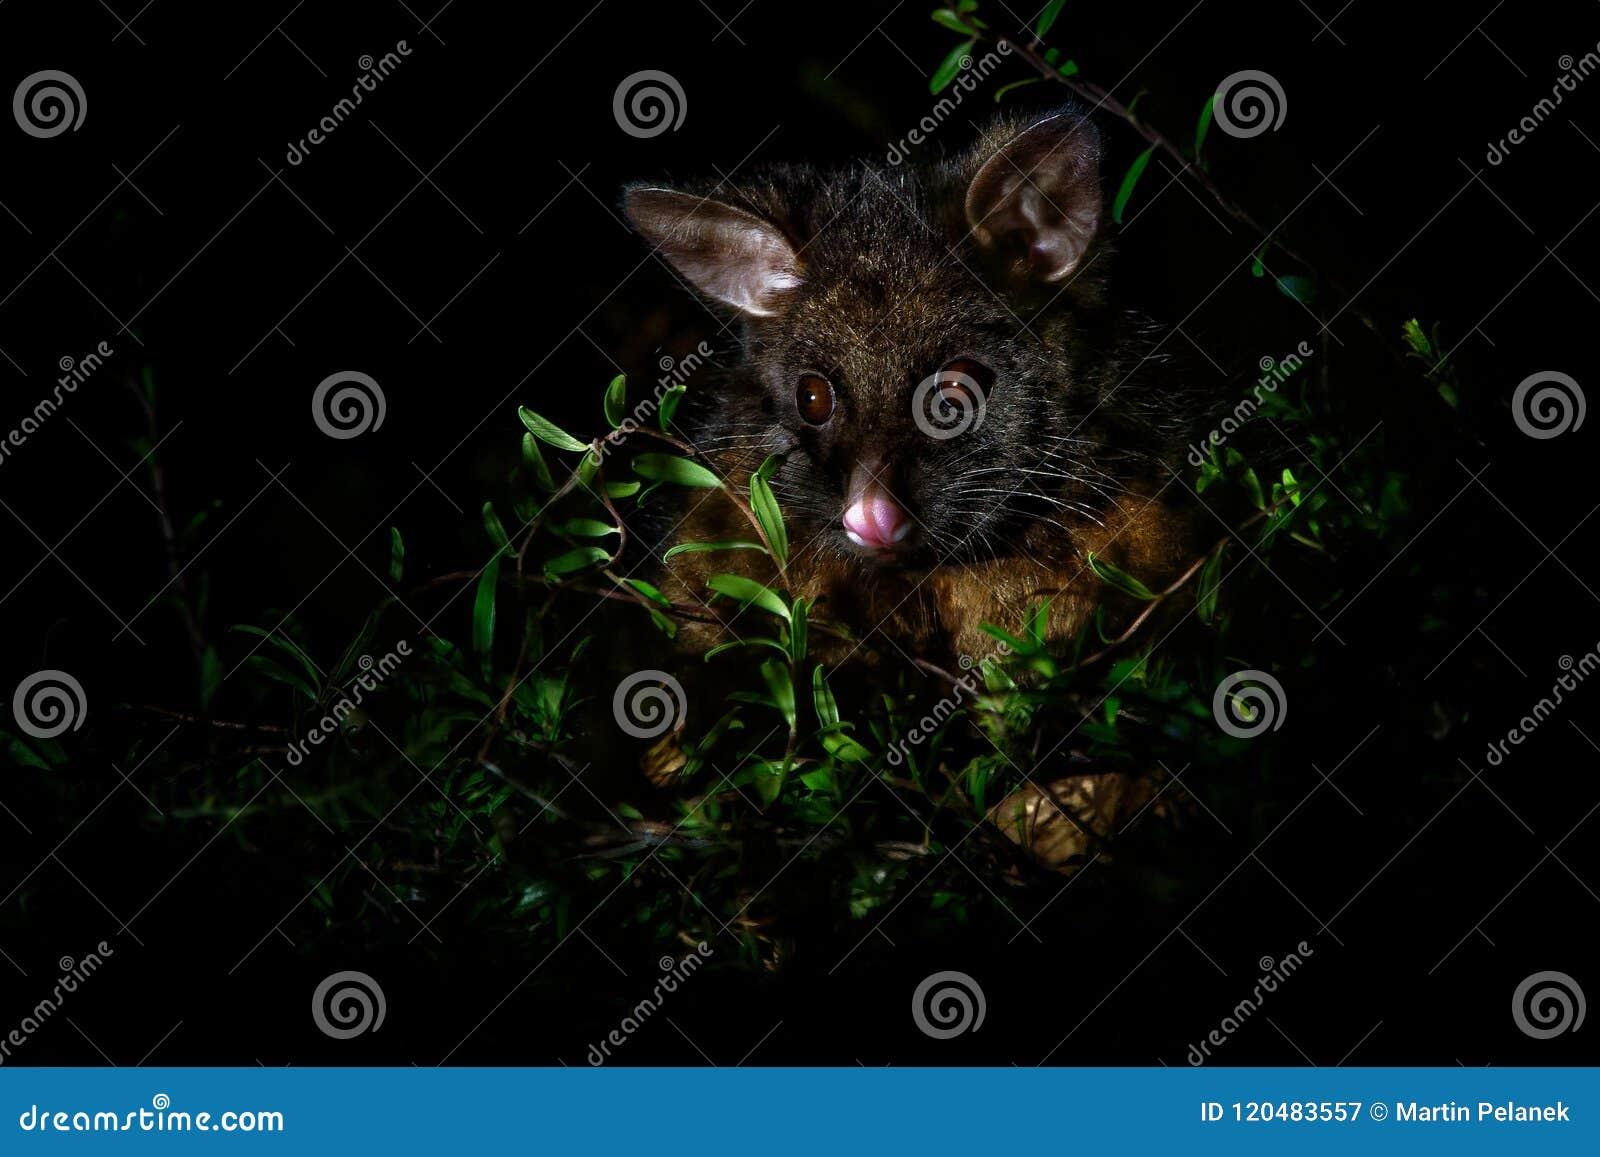 Pospolity Ogoniasty Possum nocturnal, nadrzewny torbacz Australia, przedstawiający Nowa Zelandia - Trichosurus vulpecula -